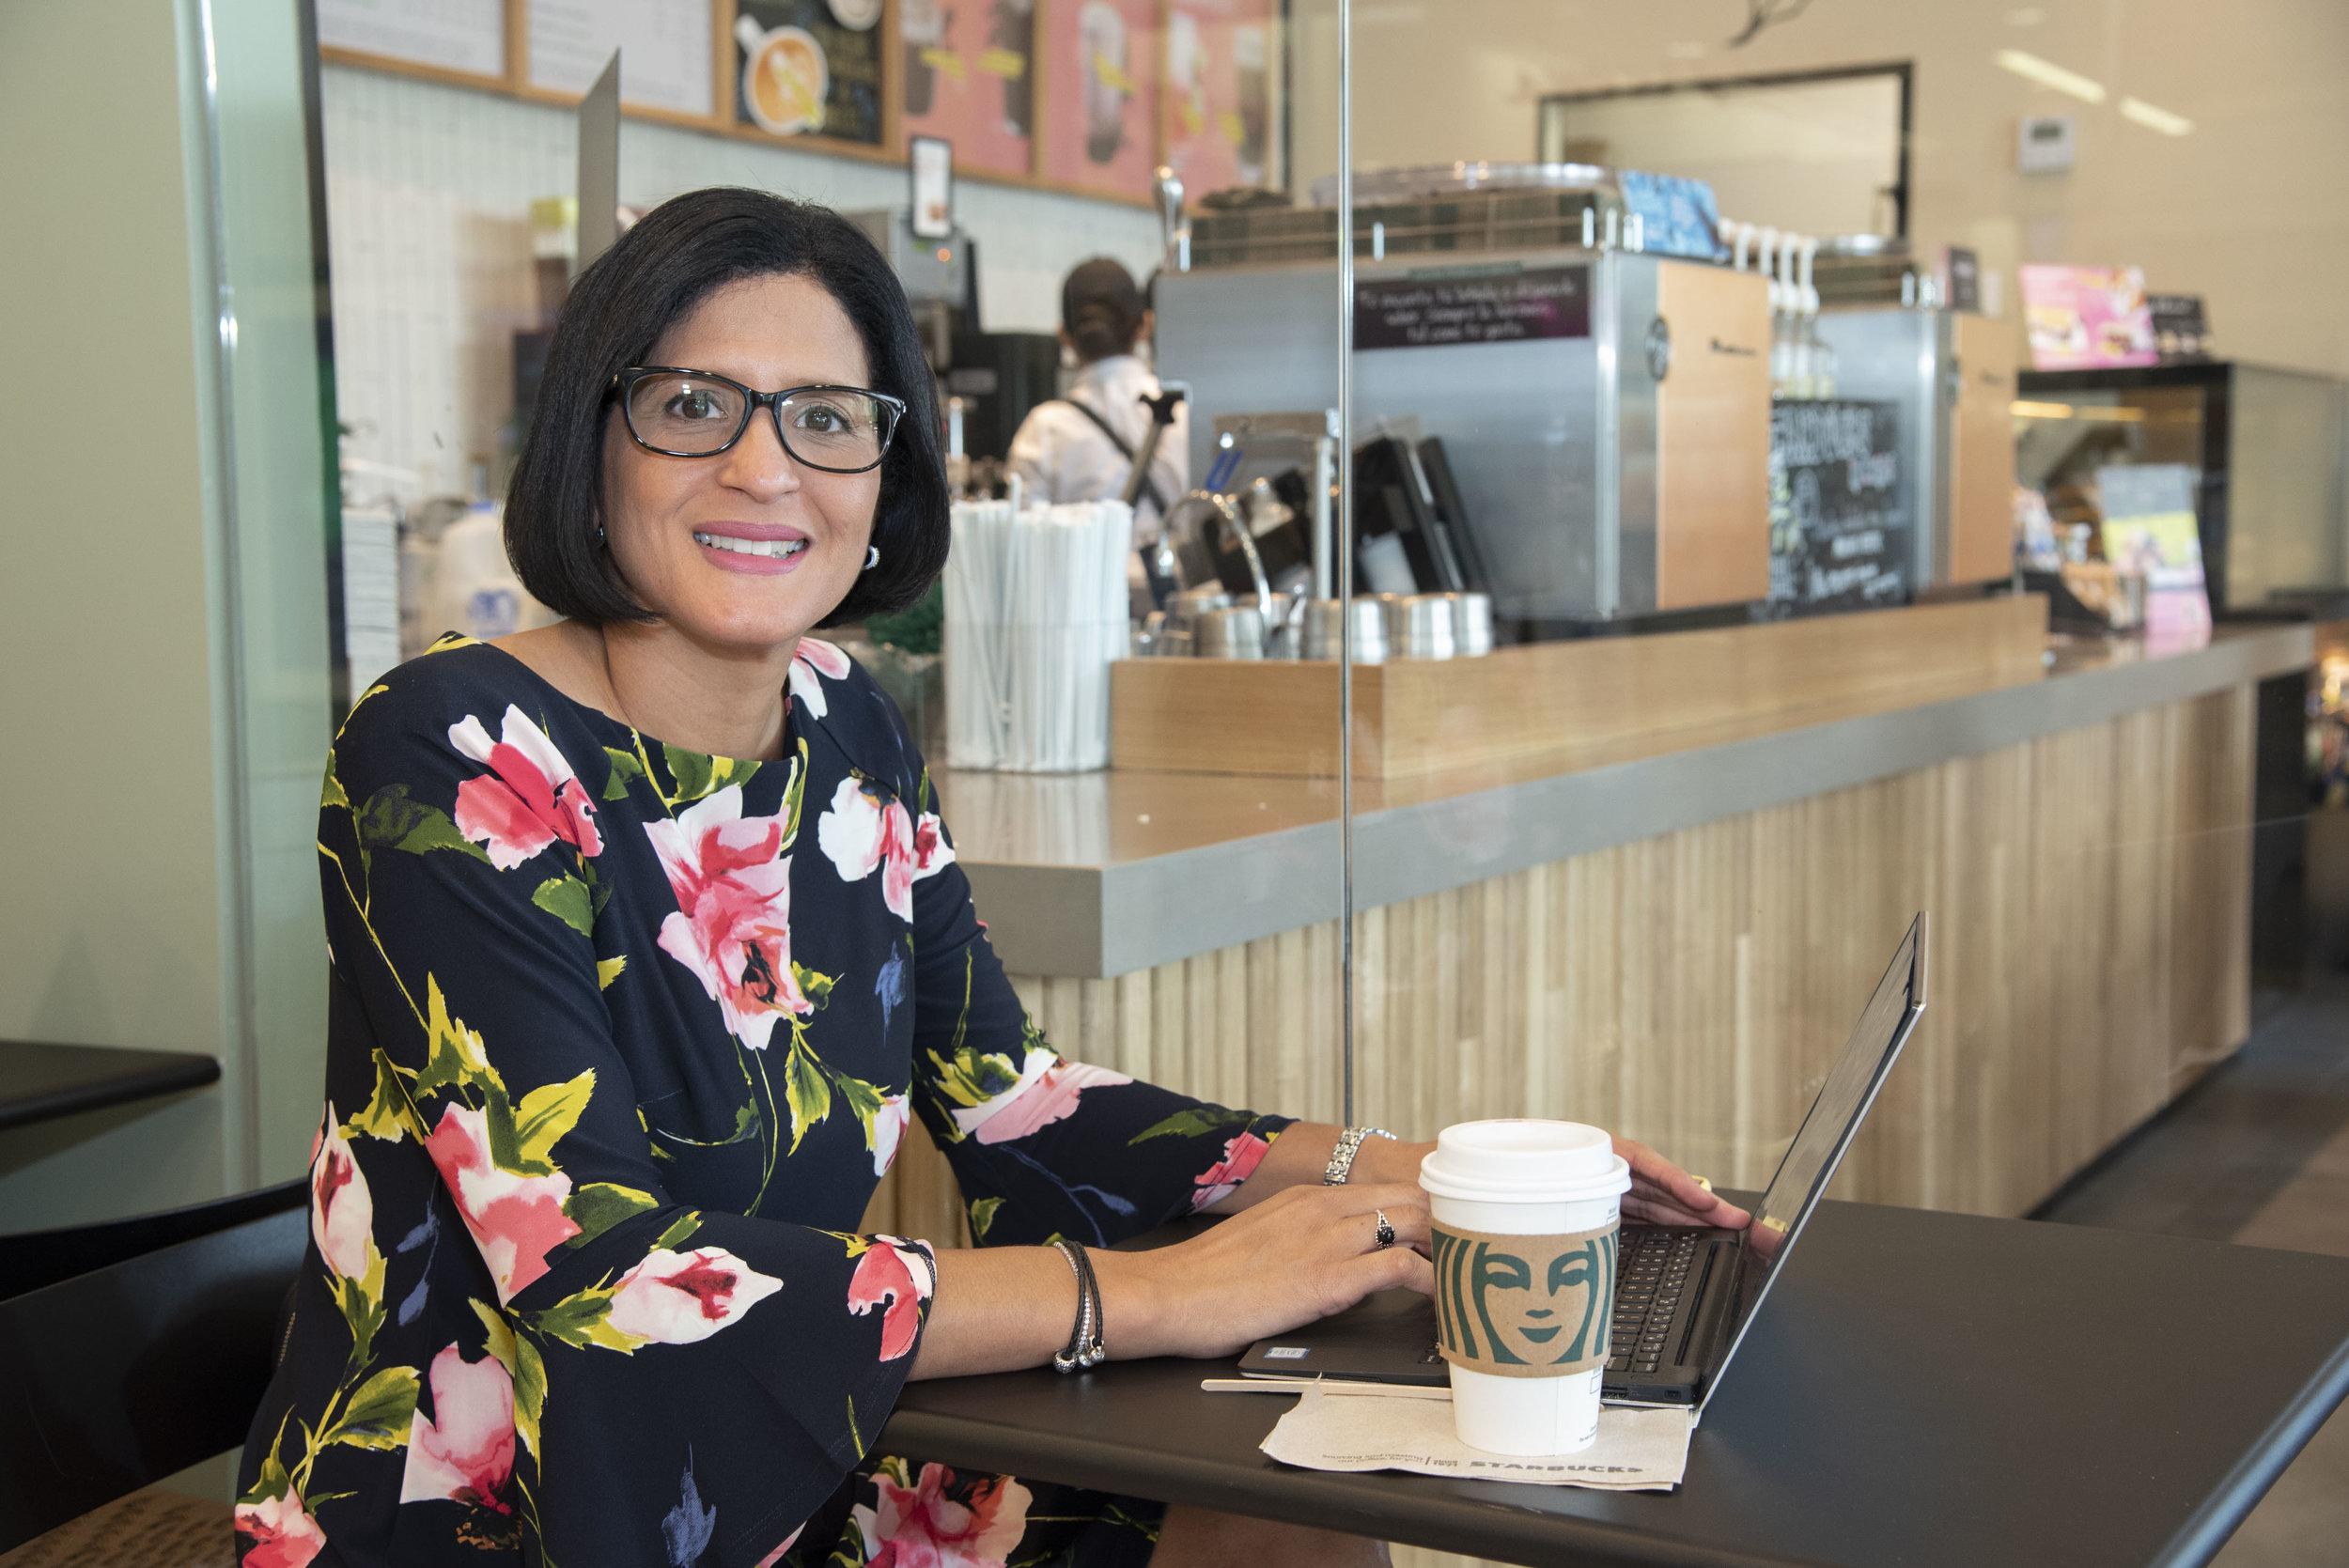 Idis Ortíz López, gerente general de Baristas del Caribe, en las nuevas instalaciones de Starbucks en San Patricio Plaza